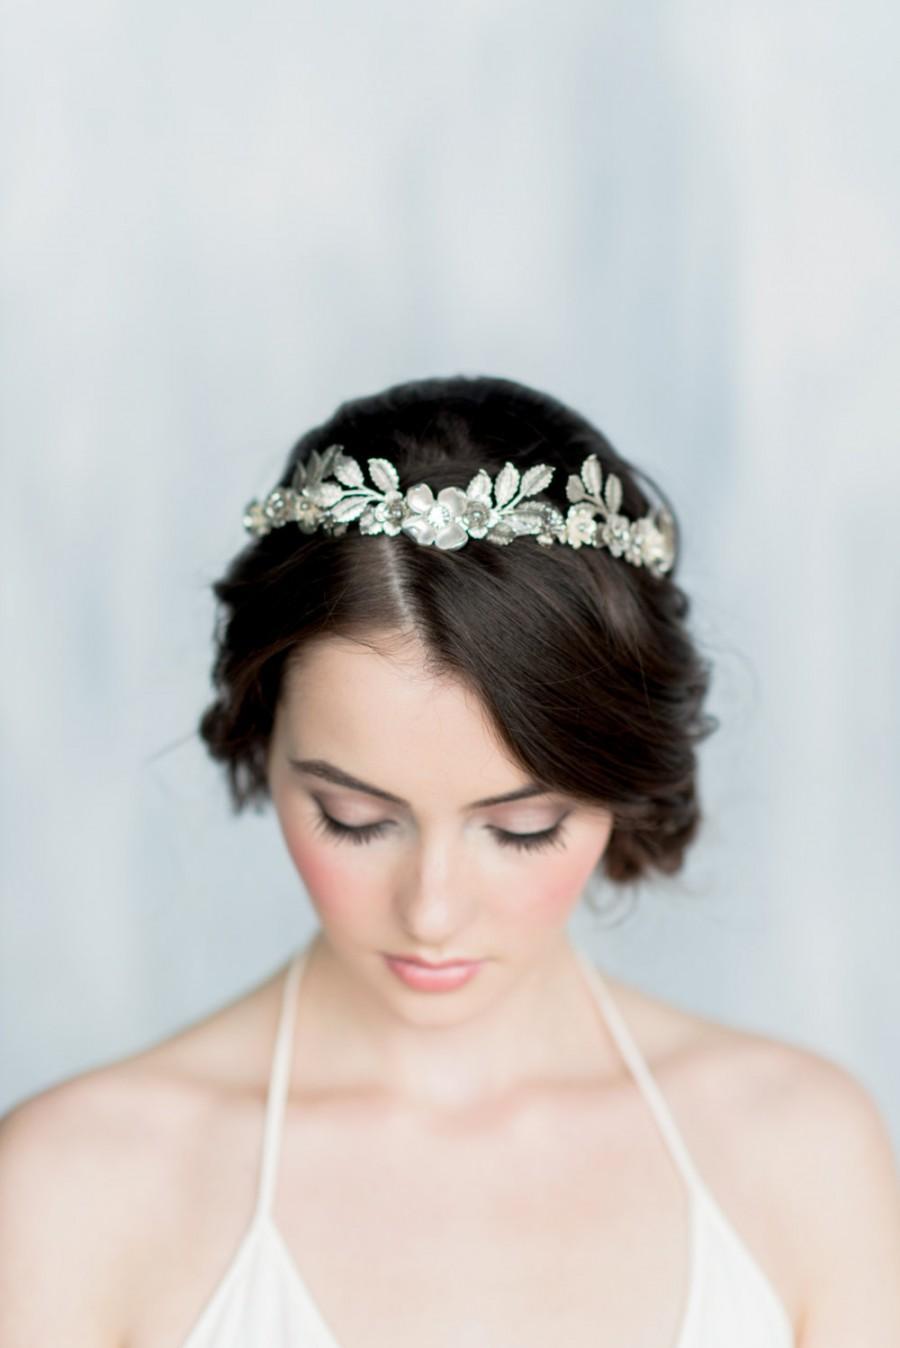 Wedding - Silver Leaf Crown, Gold Leaf Headband, Gold Flower Crown, Leaf Headpiece, Silver Hairband, Modern Crown, Gold Leaf Crown, Leaf Tiara, HELENA